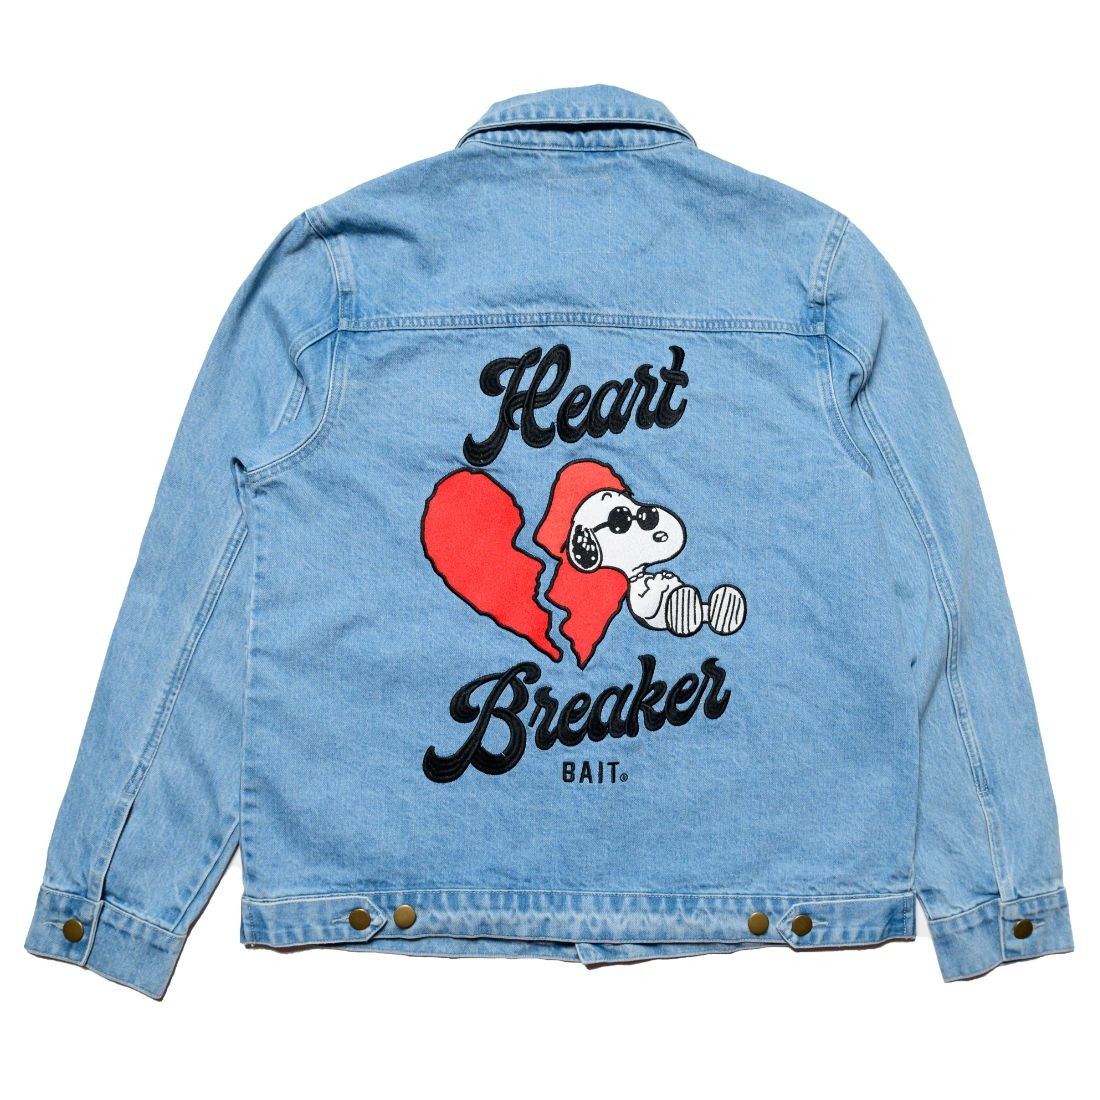 BAIT x Snoopy Mens Heartbreaker Denim Jacket (blue / denim)